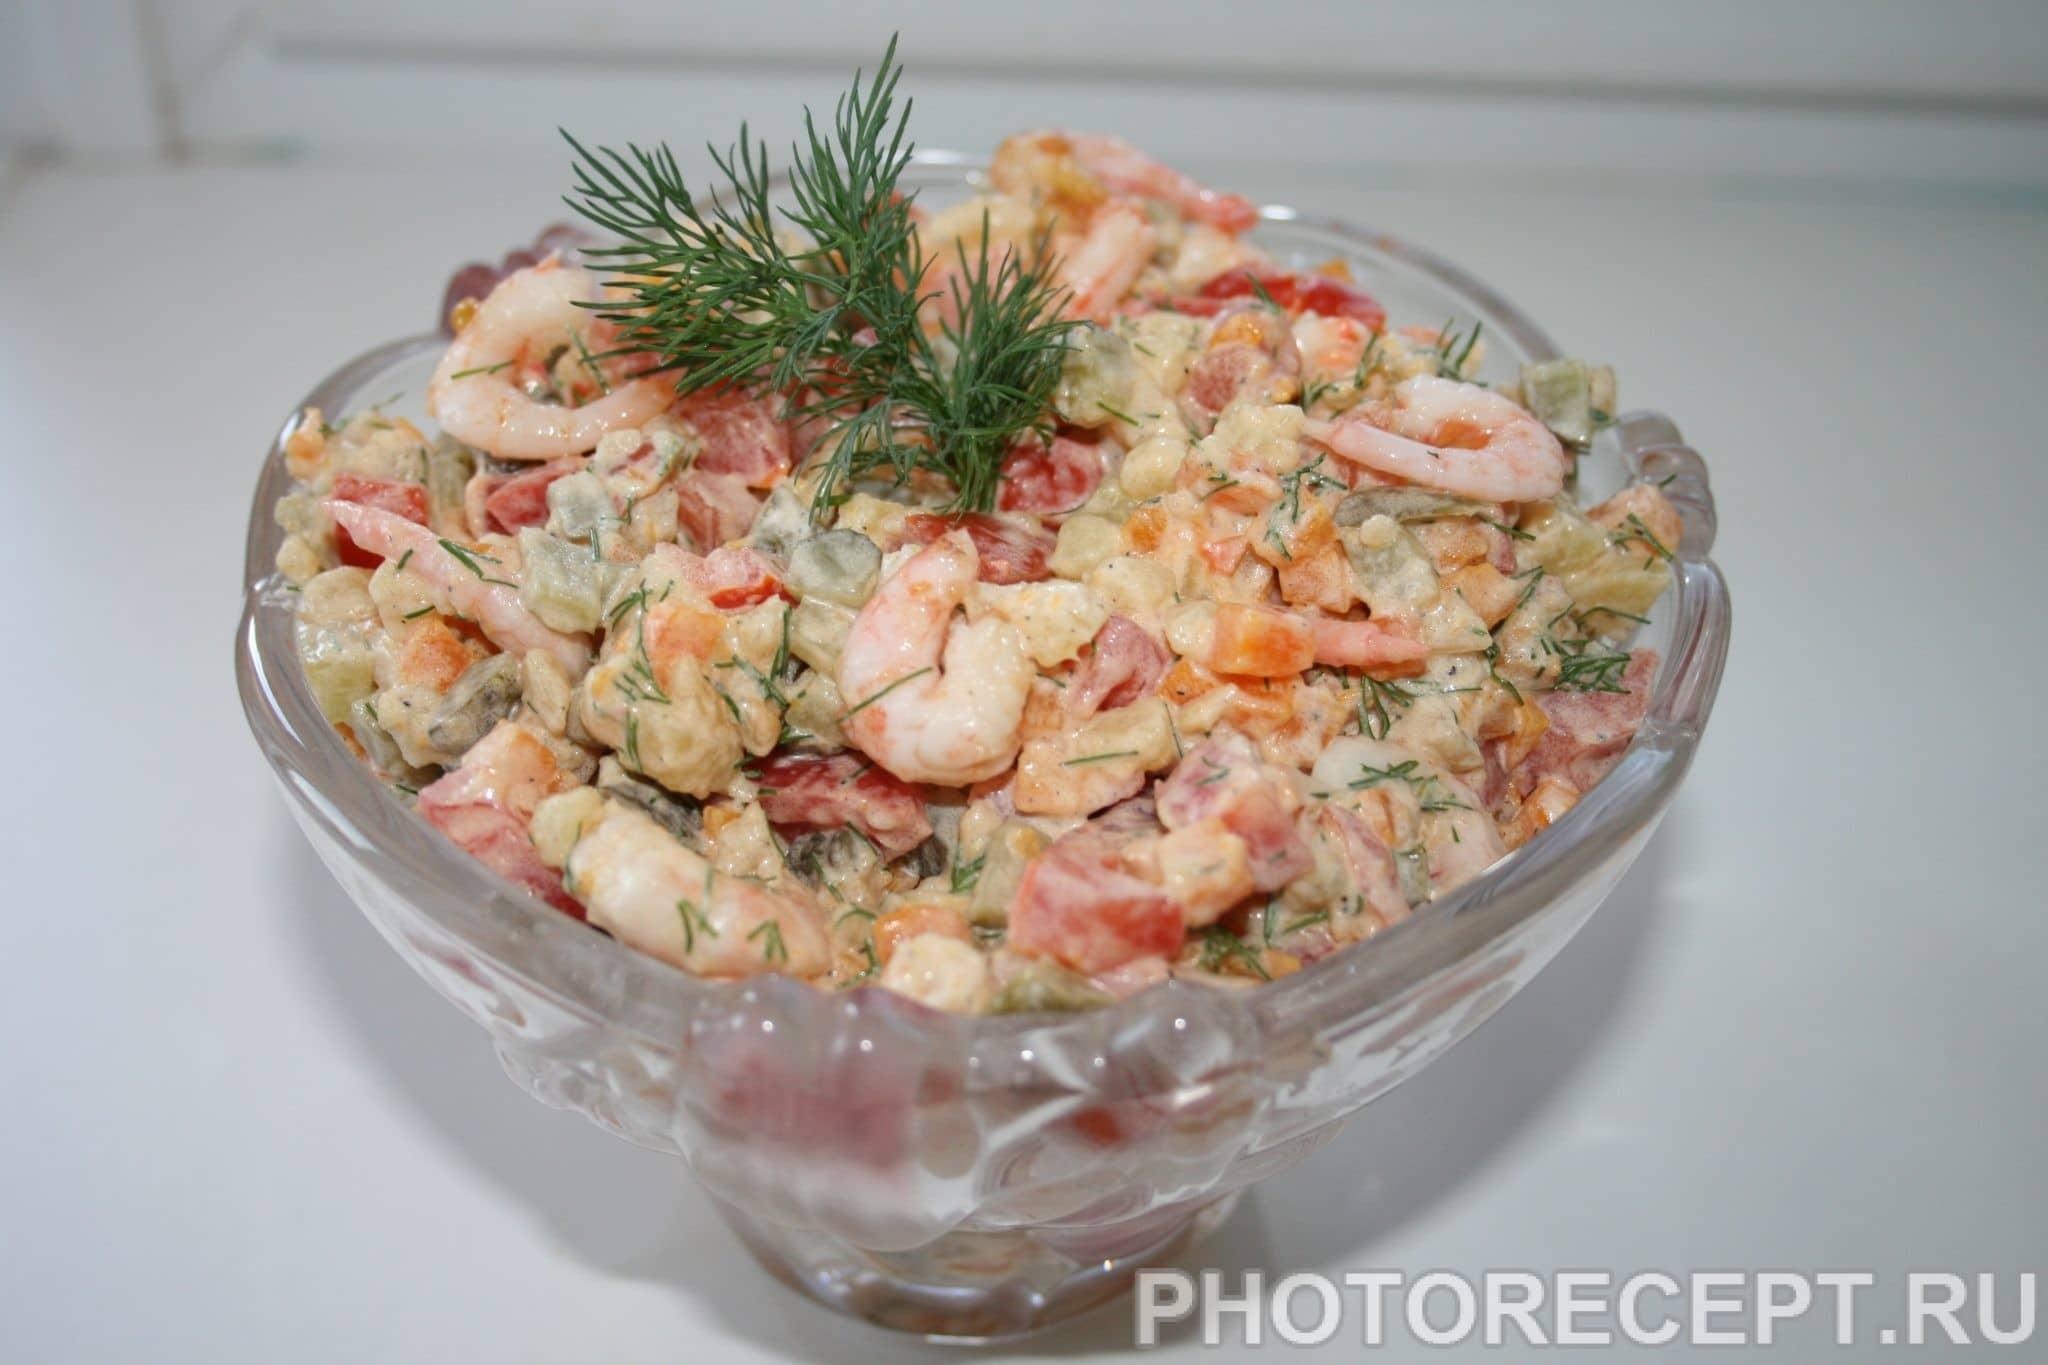 Салат из креветок рецепт очень вкусный пошаговый